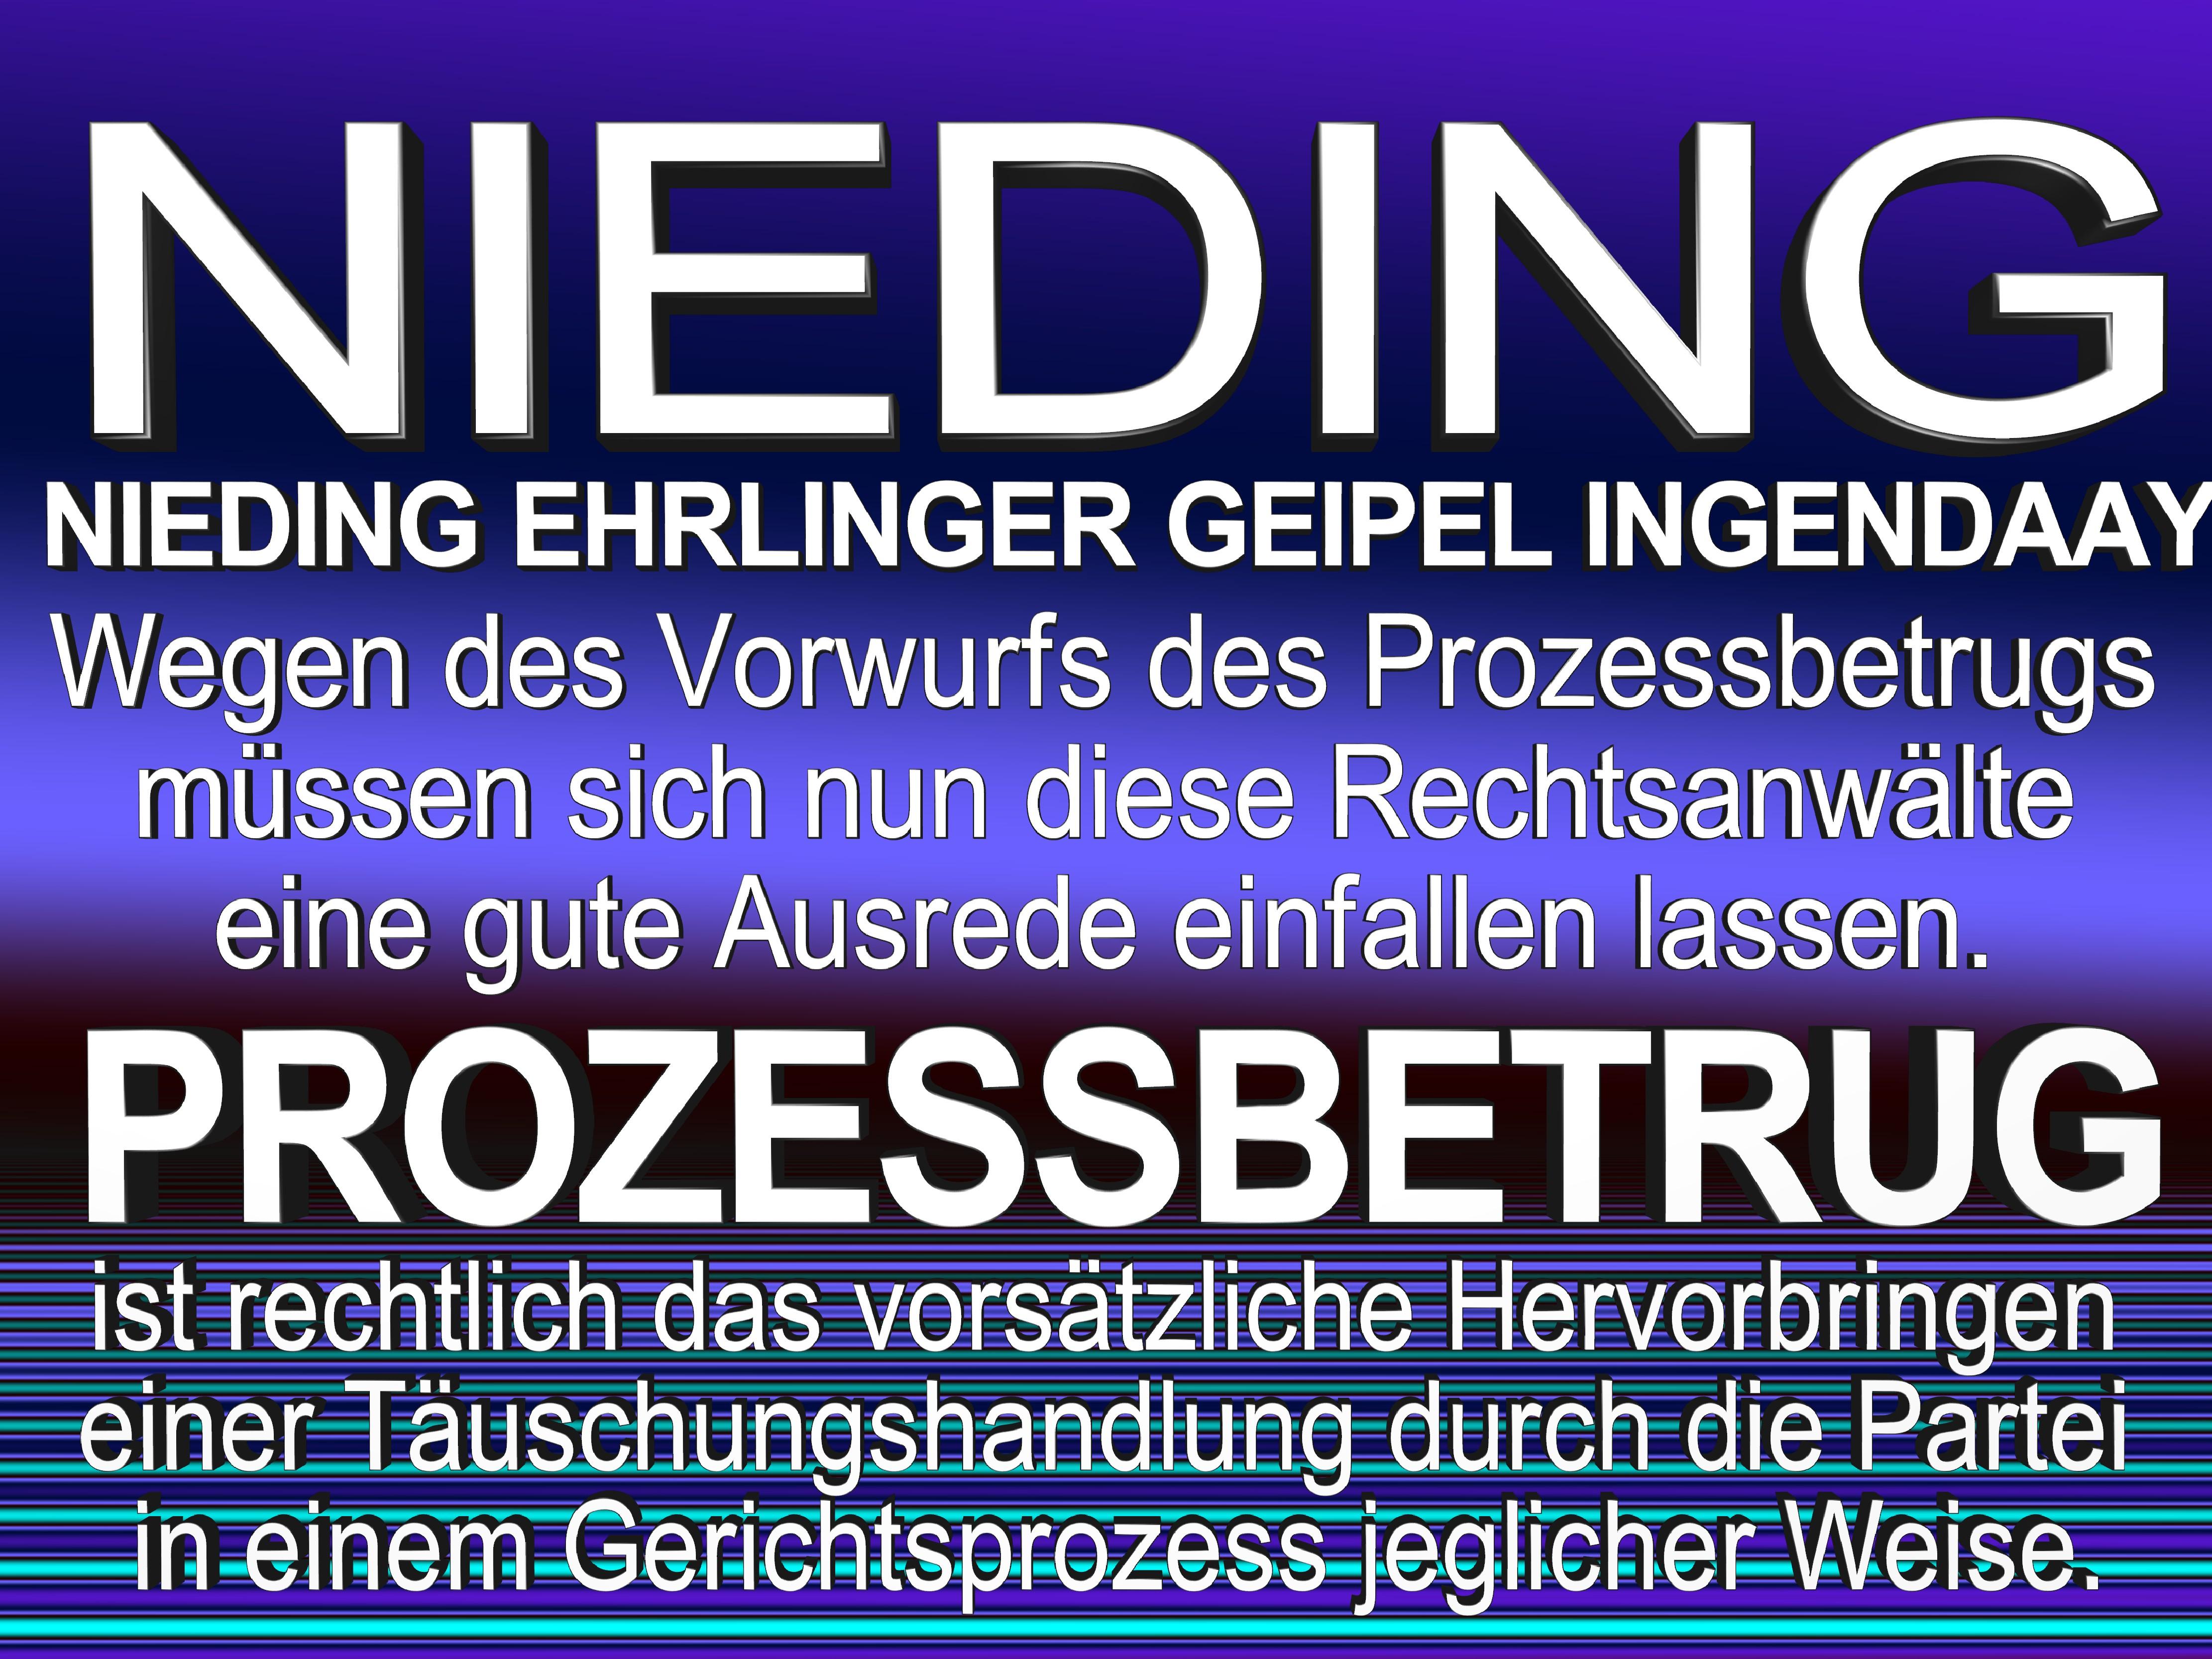 NIEDING EHRLINGER GEIPEL INGENDAAY LELKE Kurfürstendamm 66 Berlin (49)